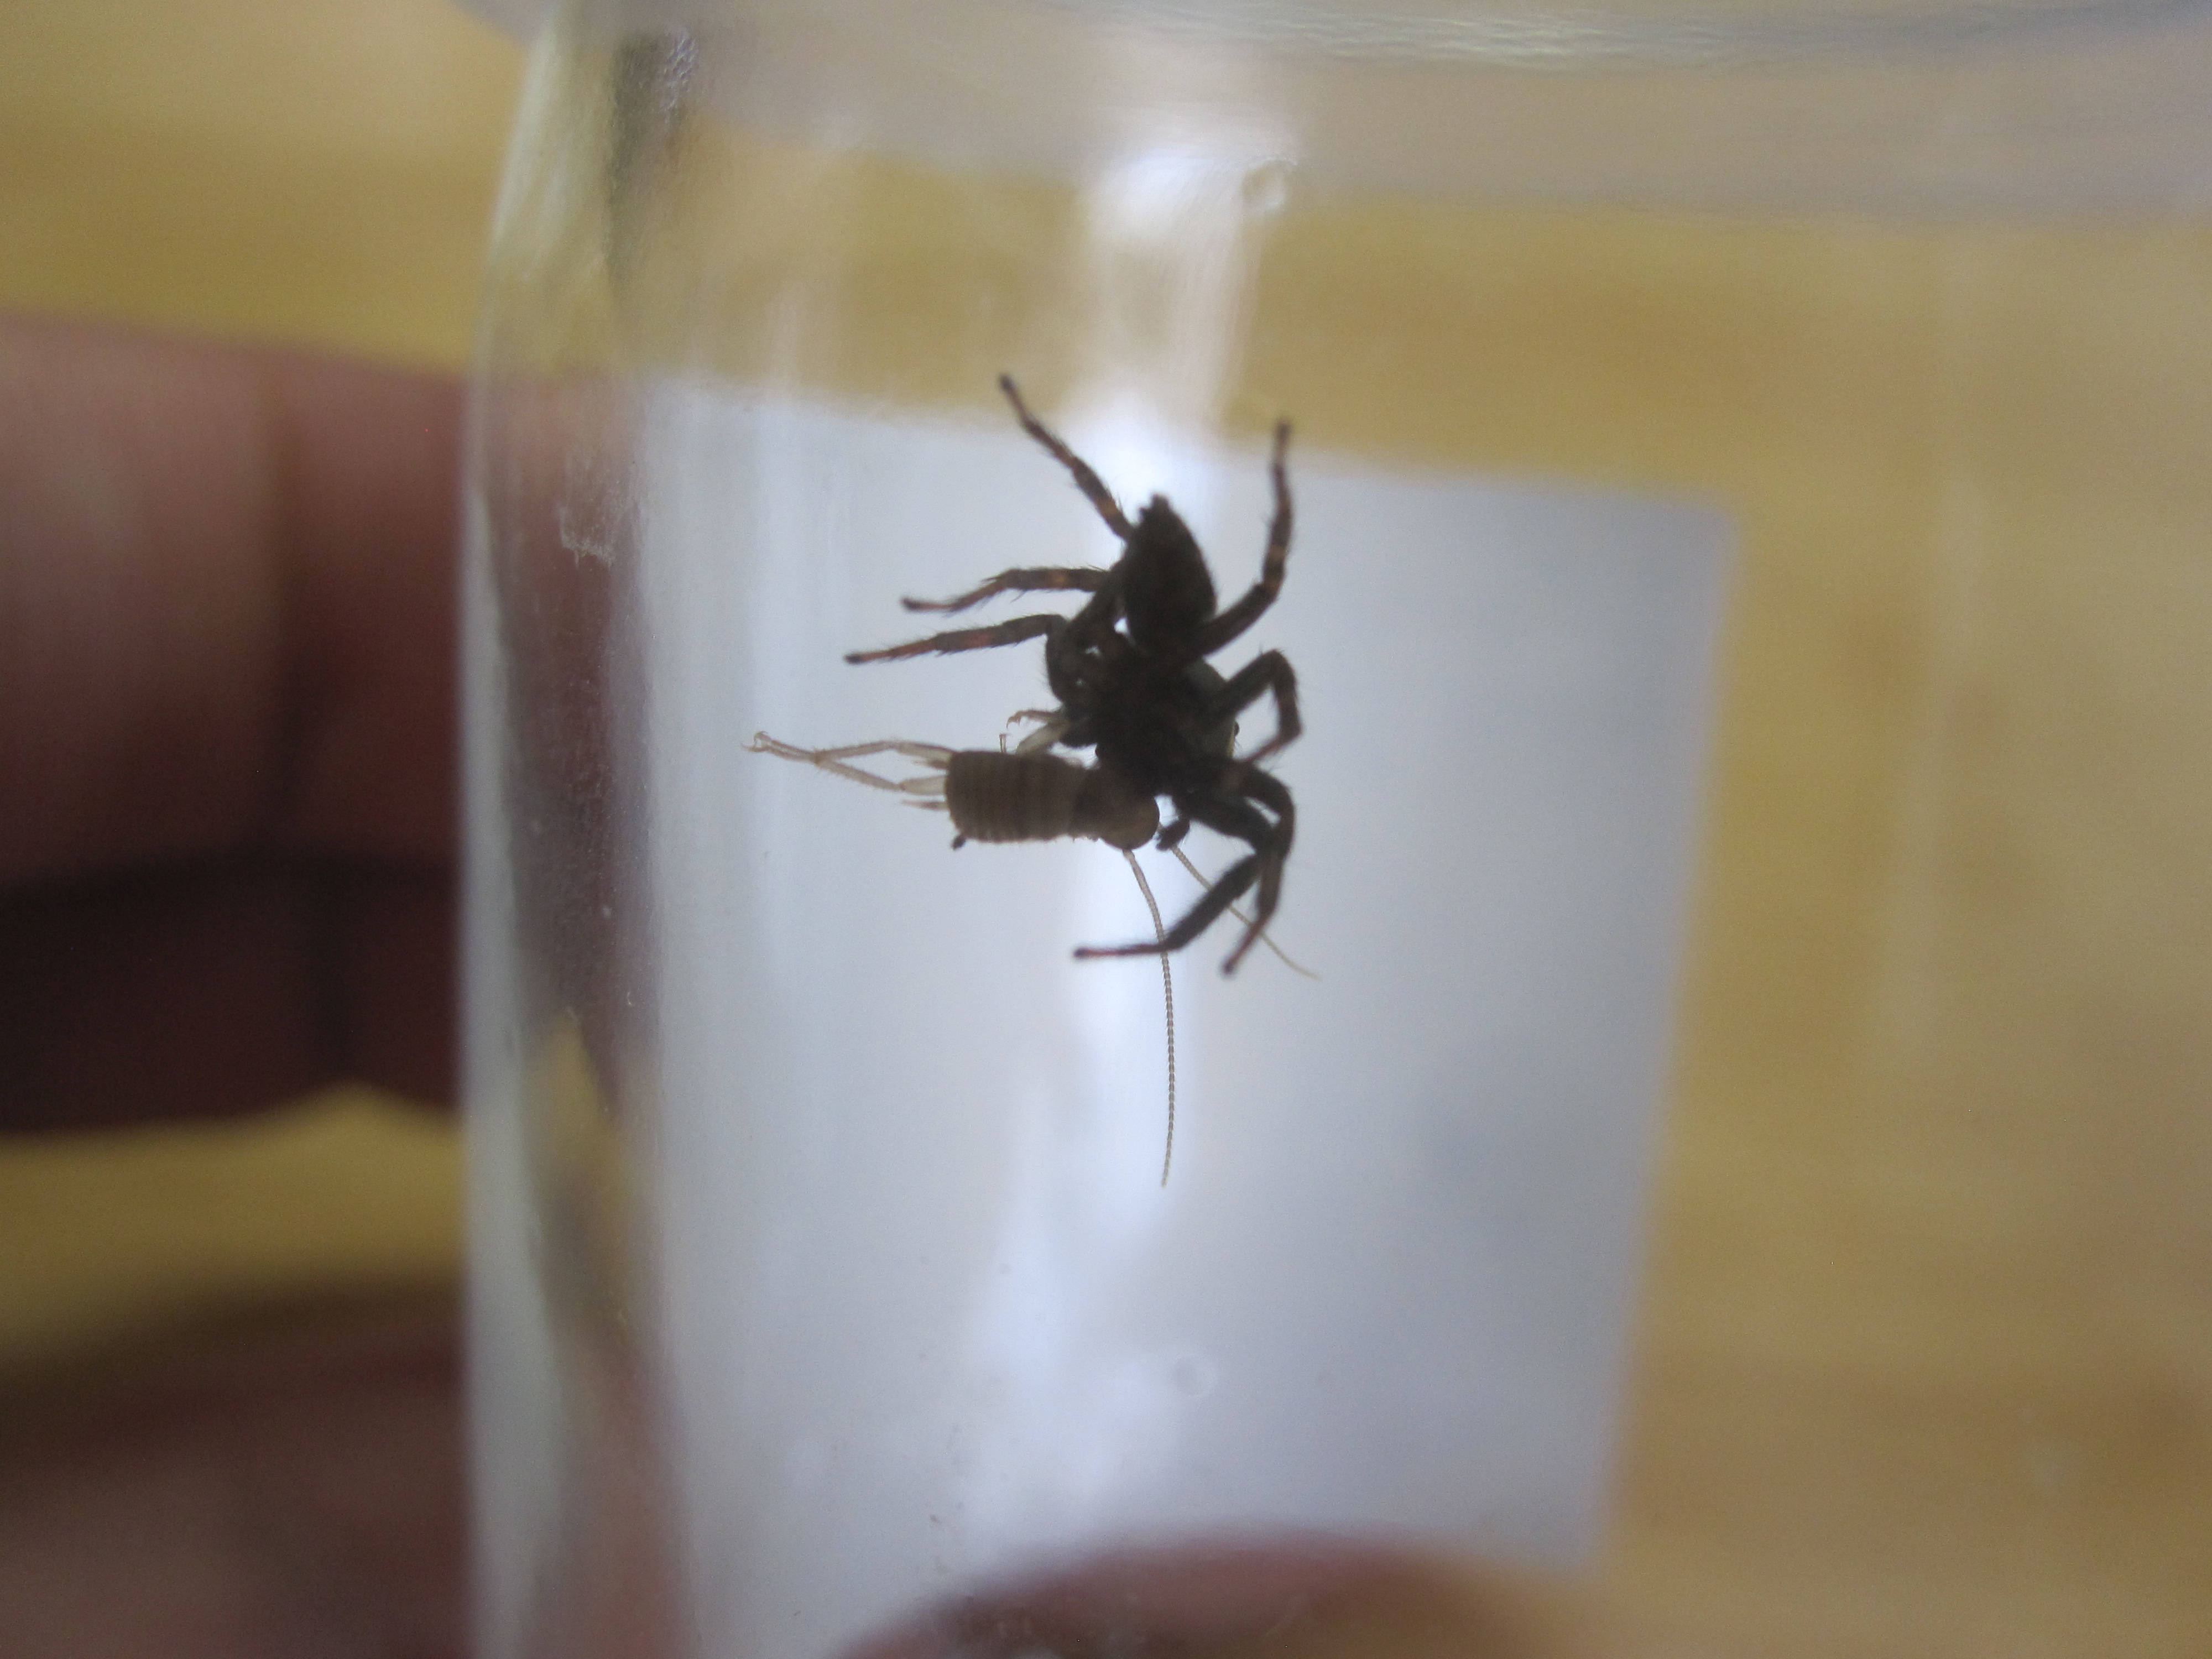 画像 ゴキブリ 赤ちゃん 【イラストでわかる】小さいゴキブリみたいな虫の正体は?駆除方法を解説 生活110番ニュース